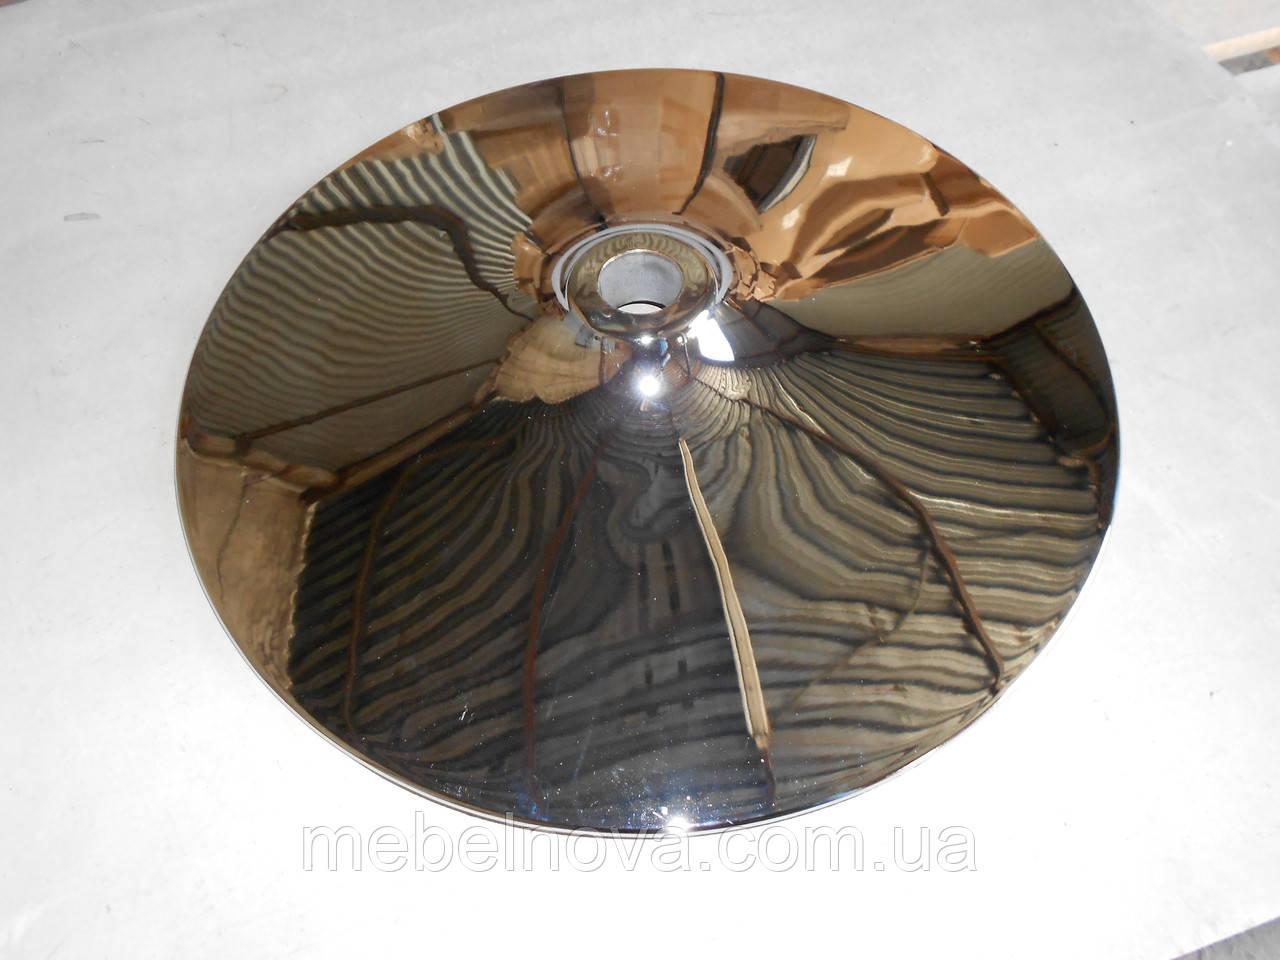 Круглая база опора Конус 400 мм. для барного стула кресла металлическая хромированная